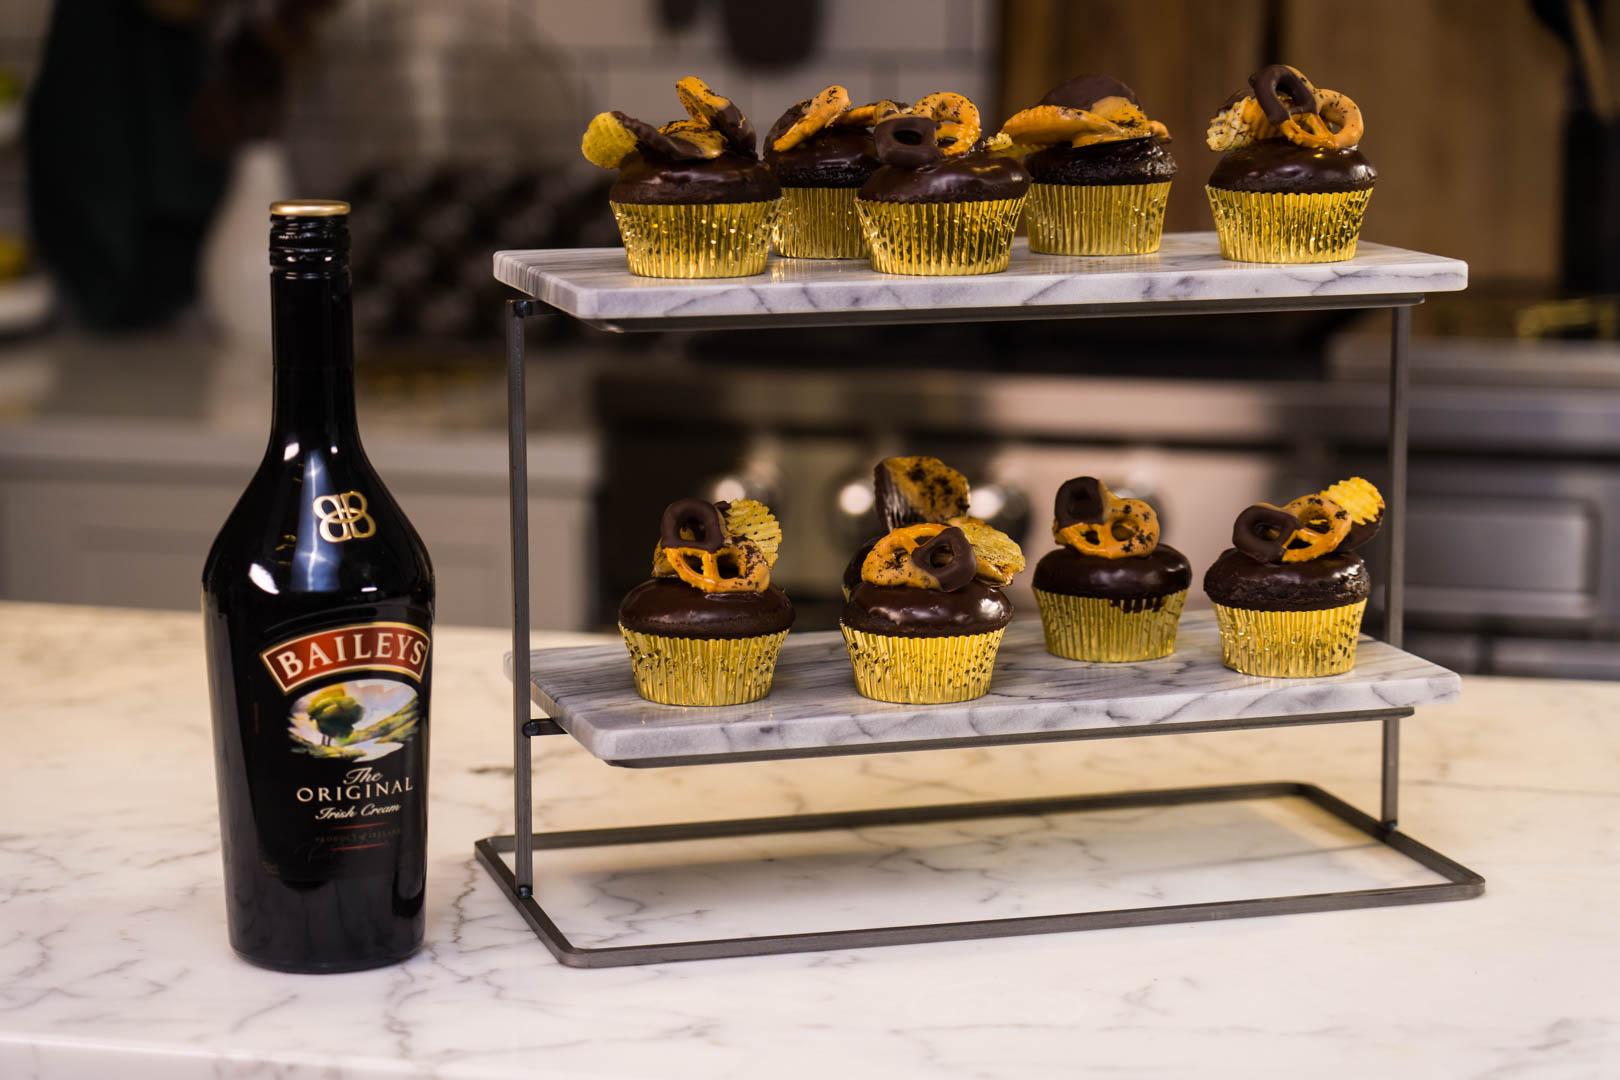 Baileys Mini Cakes